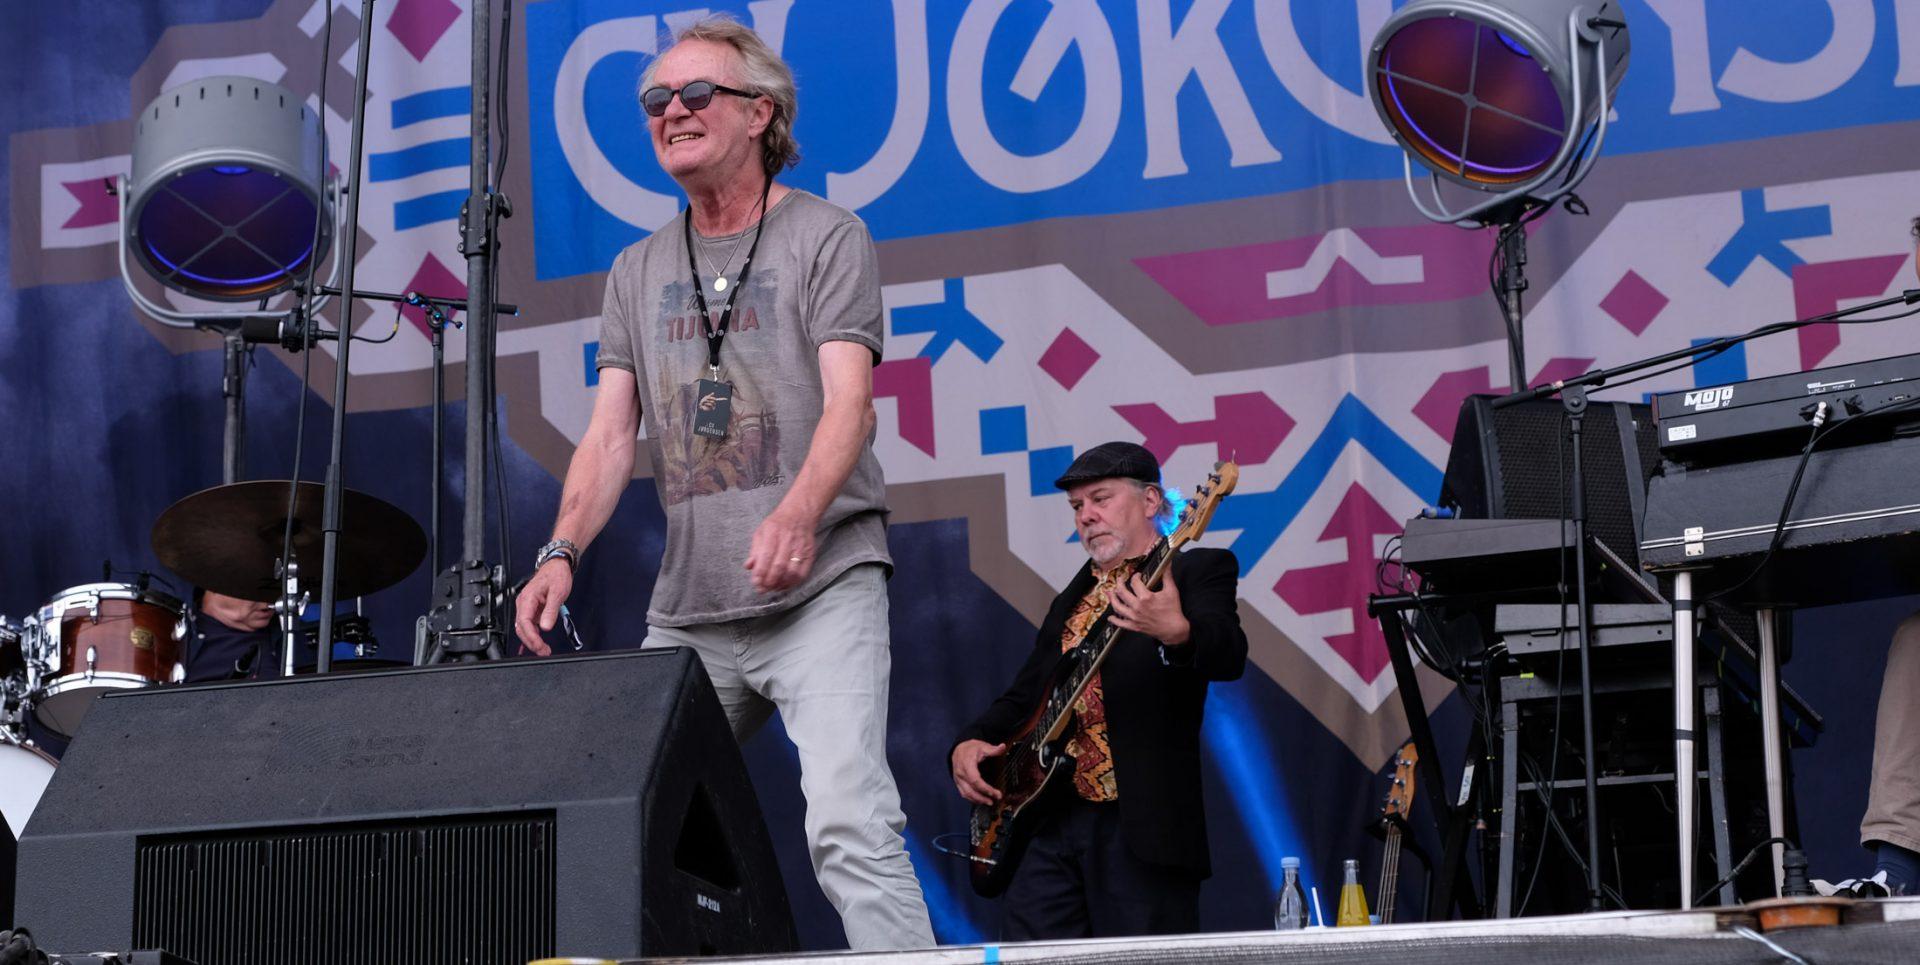 C.V. Jørgensen: Tilbagelænet og rutinepræget koncert